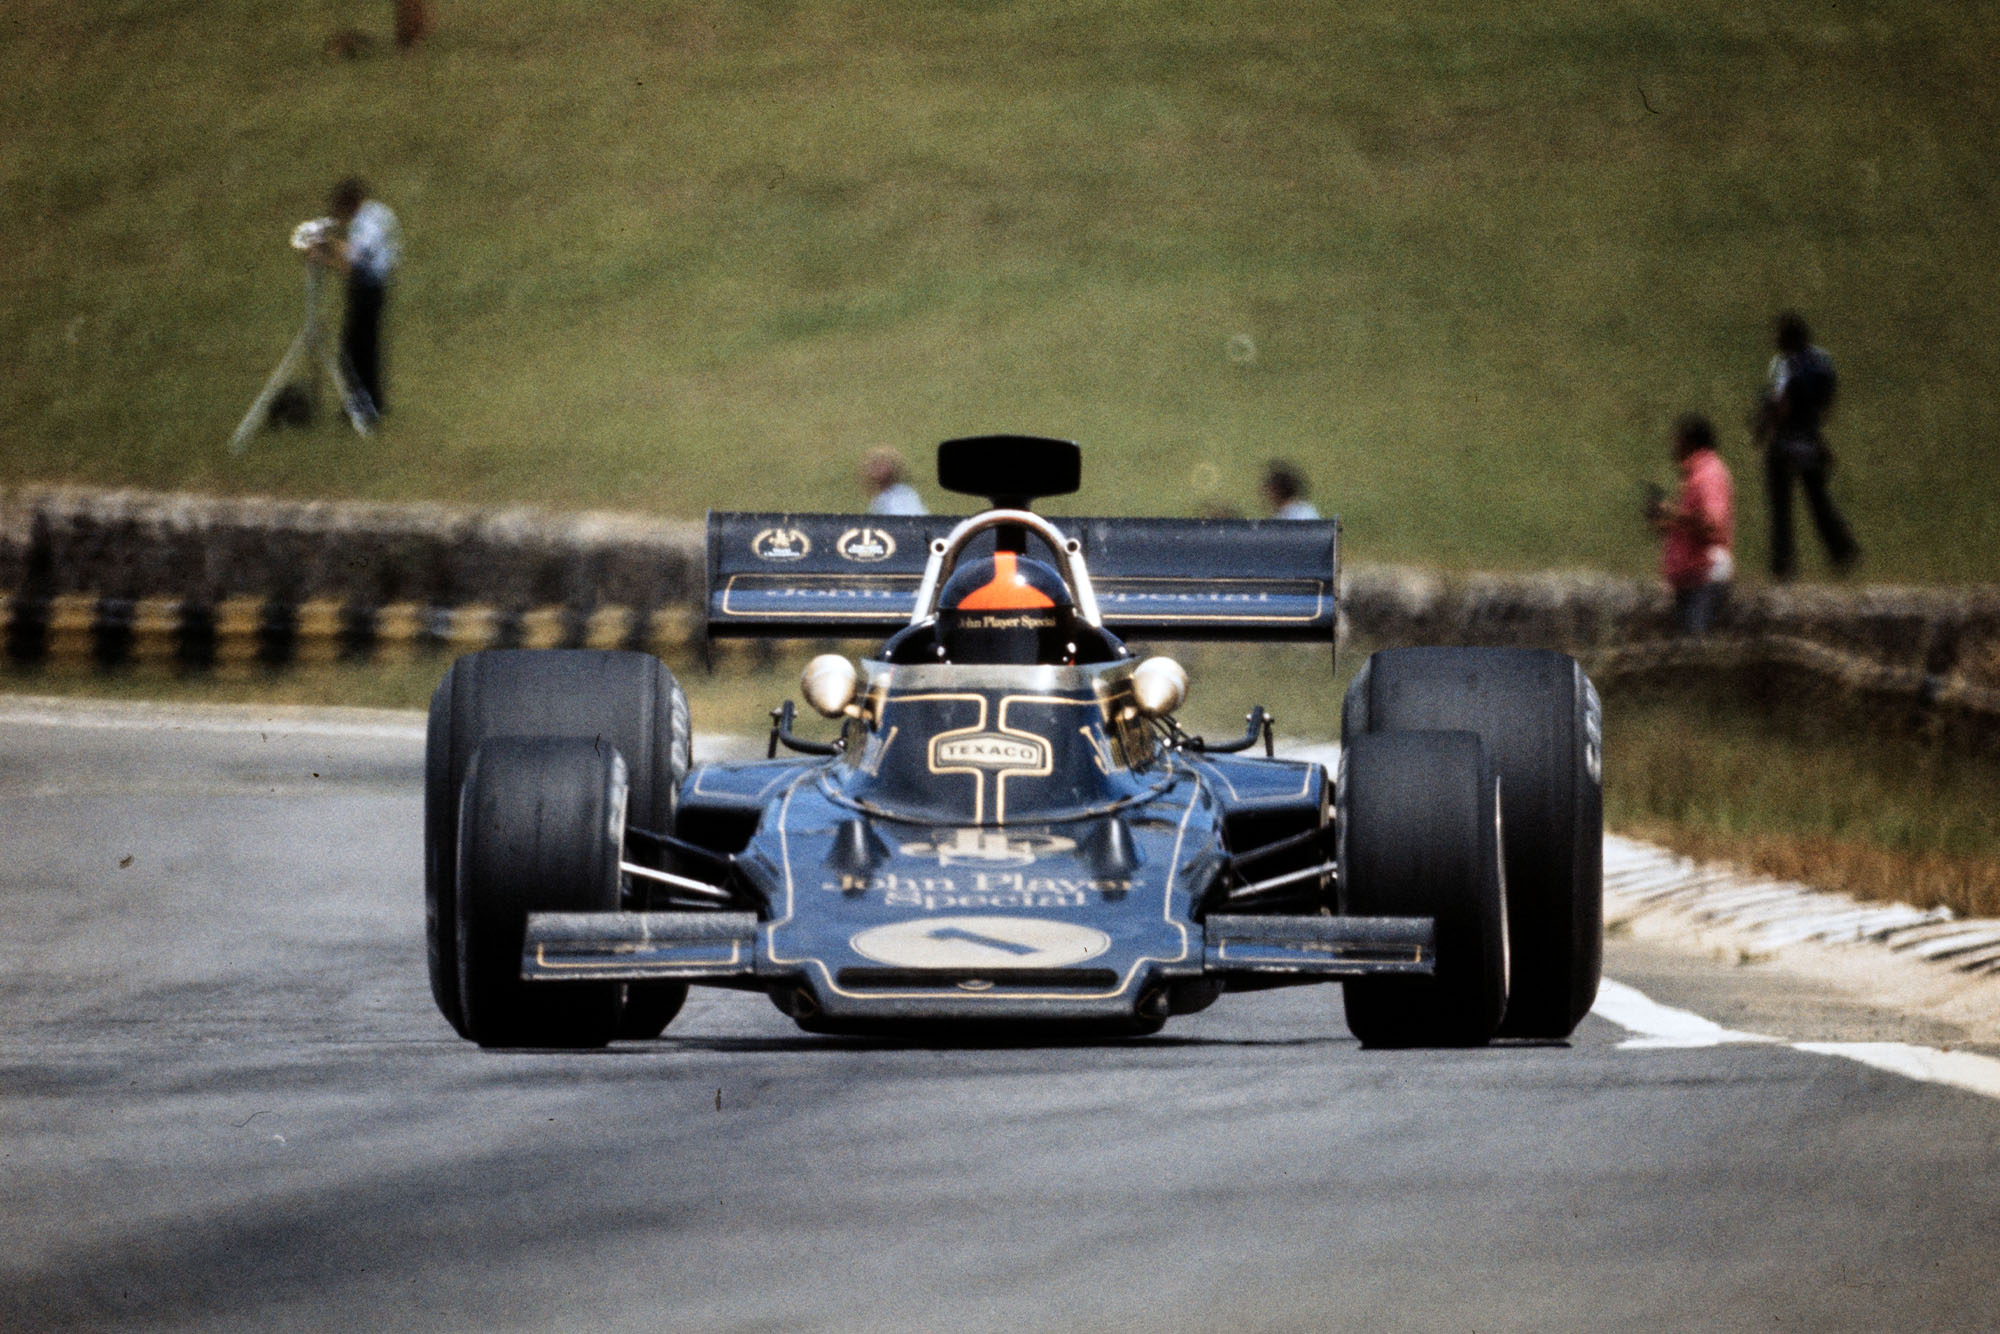 Emerson Fittipaldi driving for Lotus at the 1973 Brazilian Grand Prix, Interlagos.